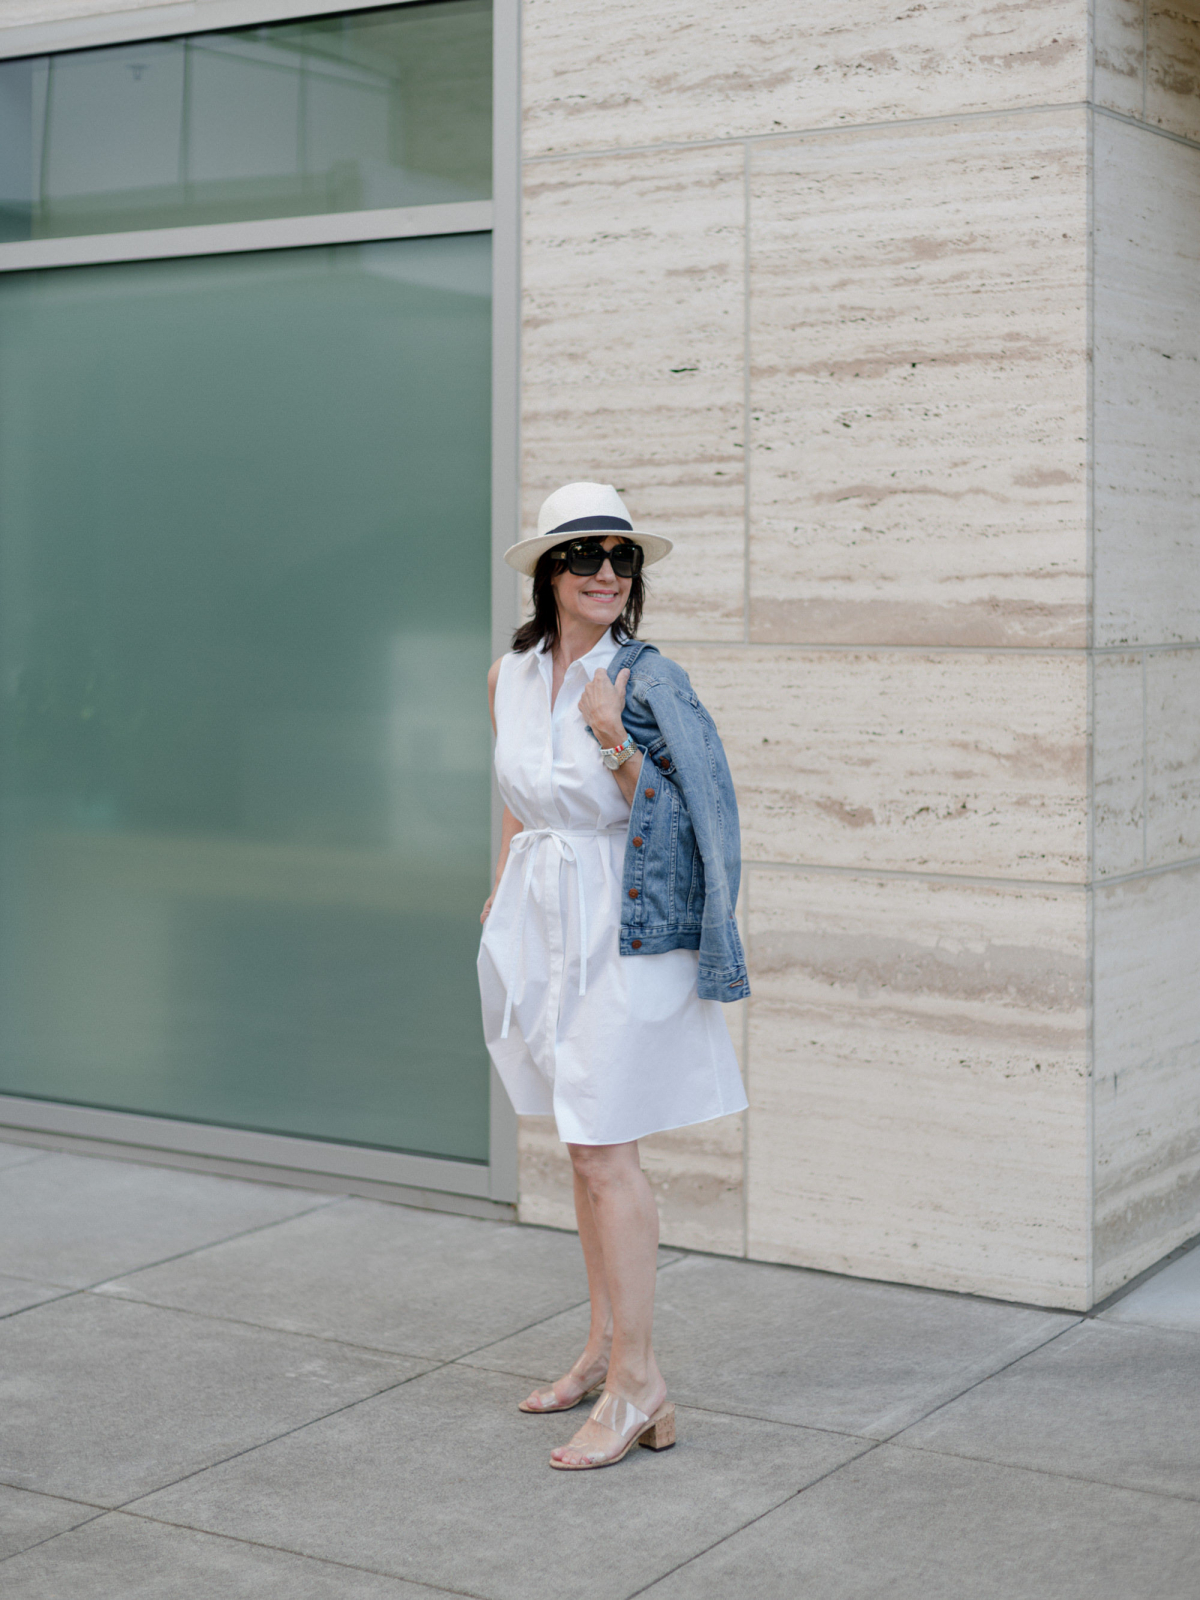 Fashion blogger wearing a shirt dress as a best summer item